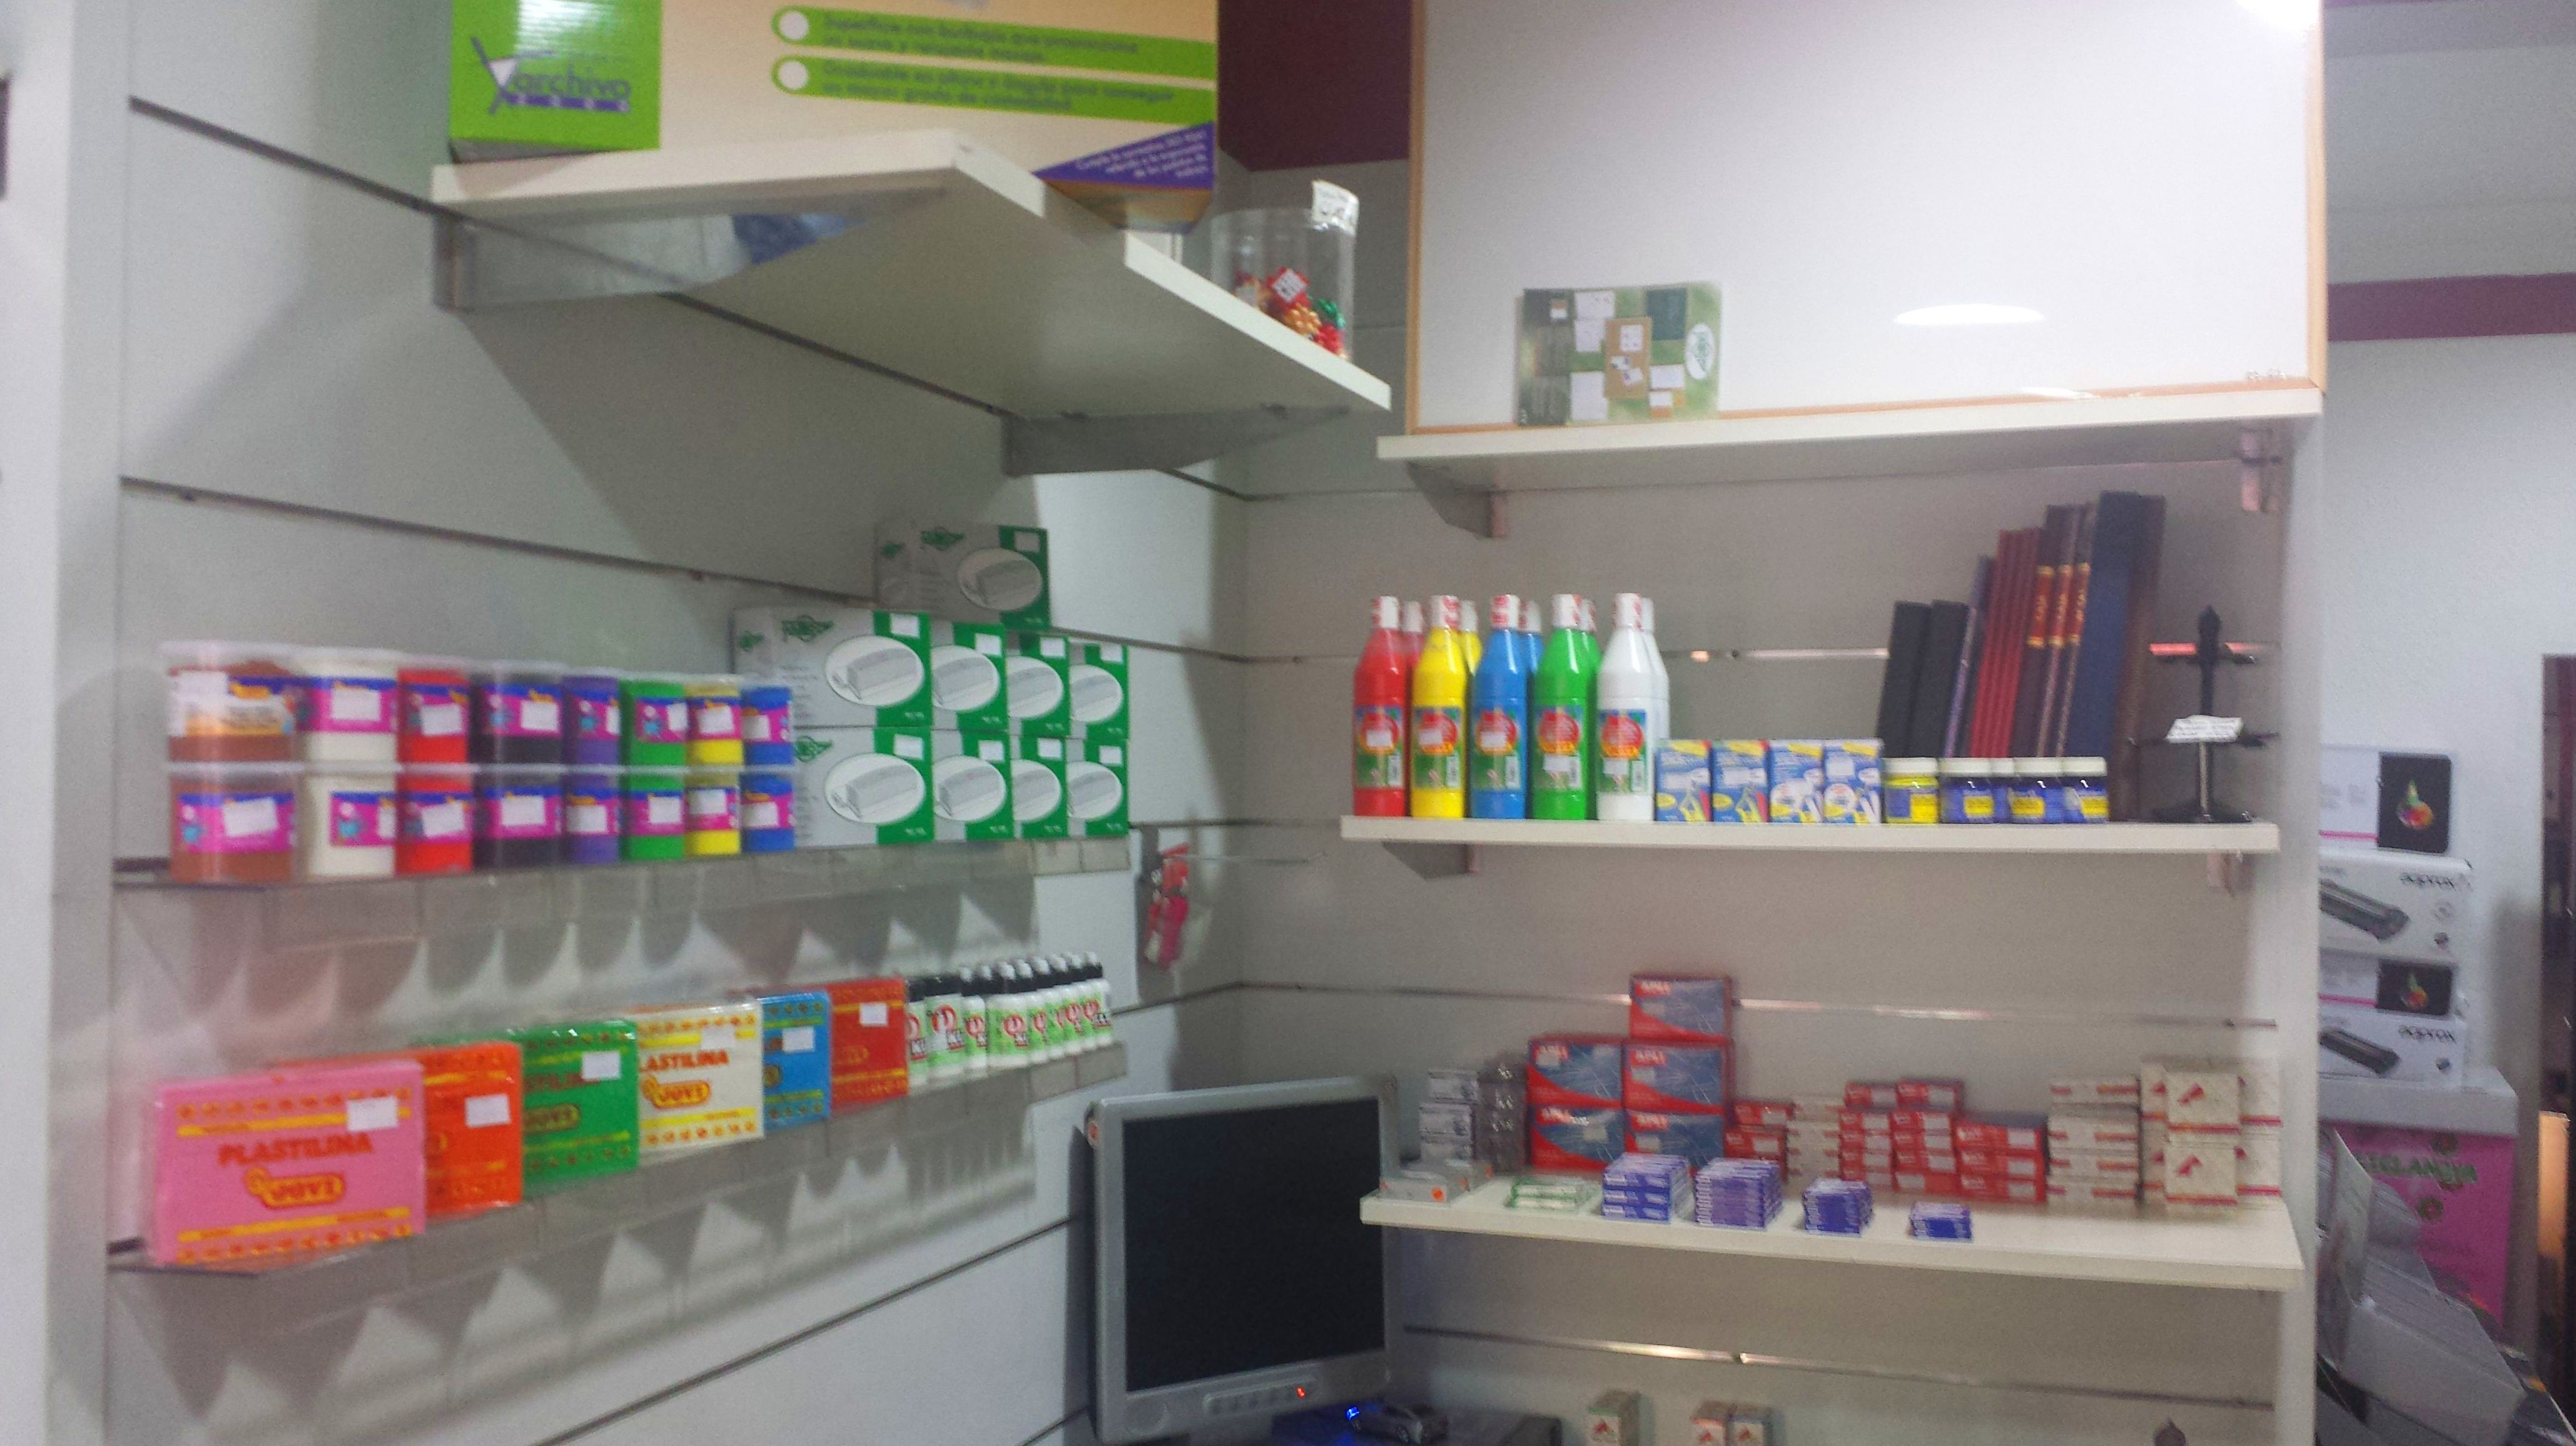 Material manualidades productos y servicios de francis for Productos de oficina